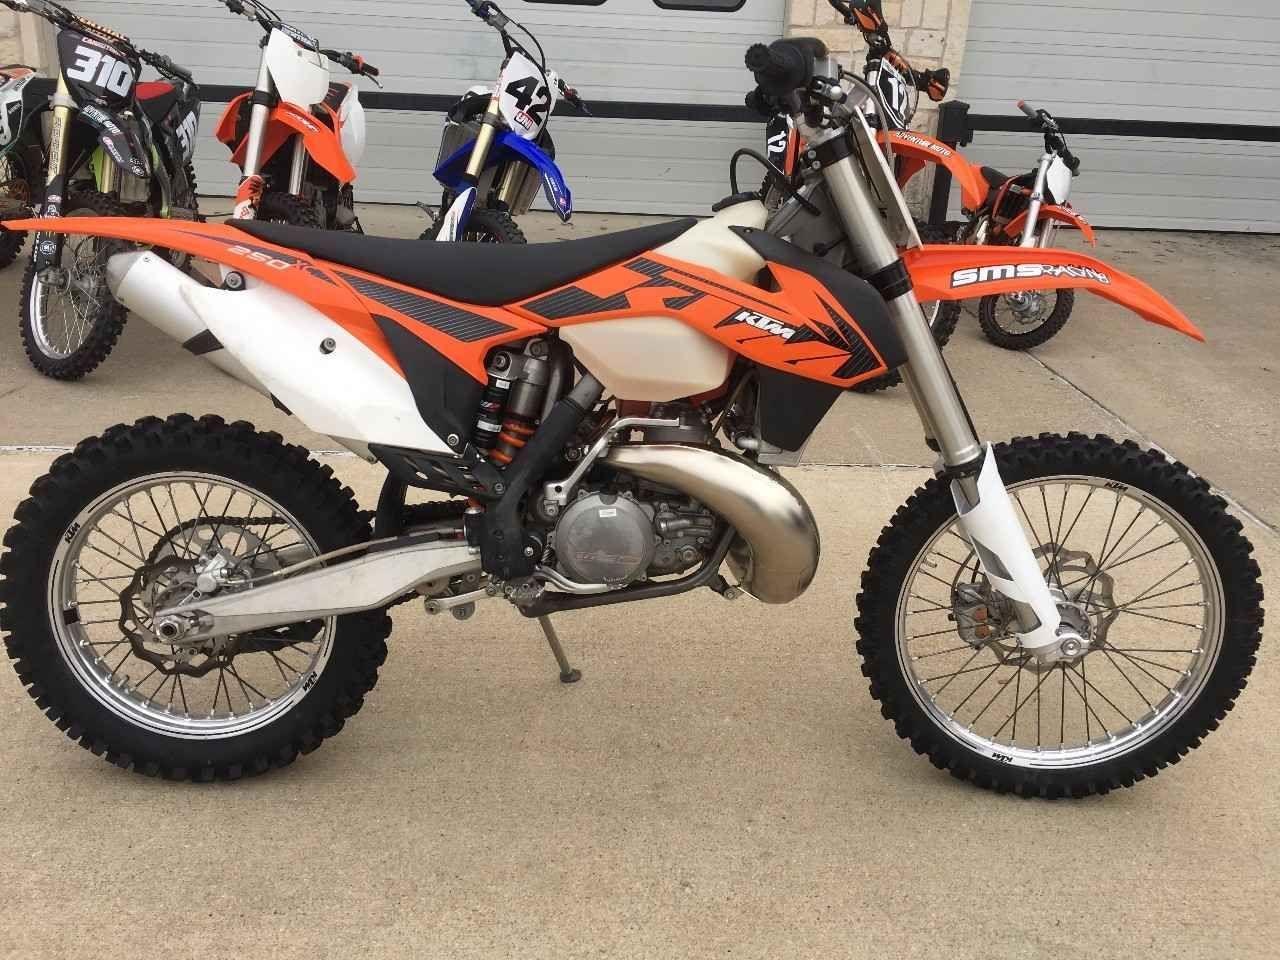 2013 Ktm 250 Xc Ktm 250 Ktm Motorcycles For Sale